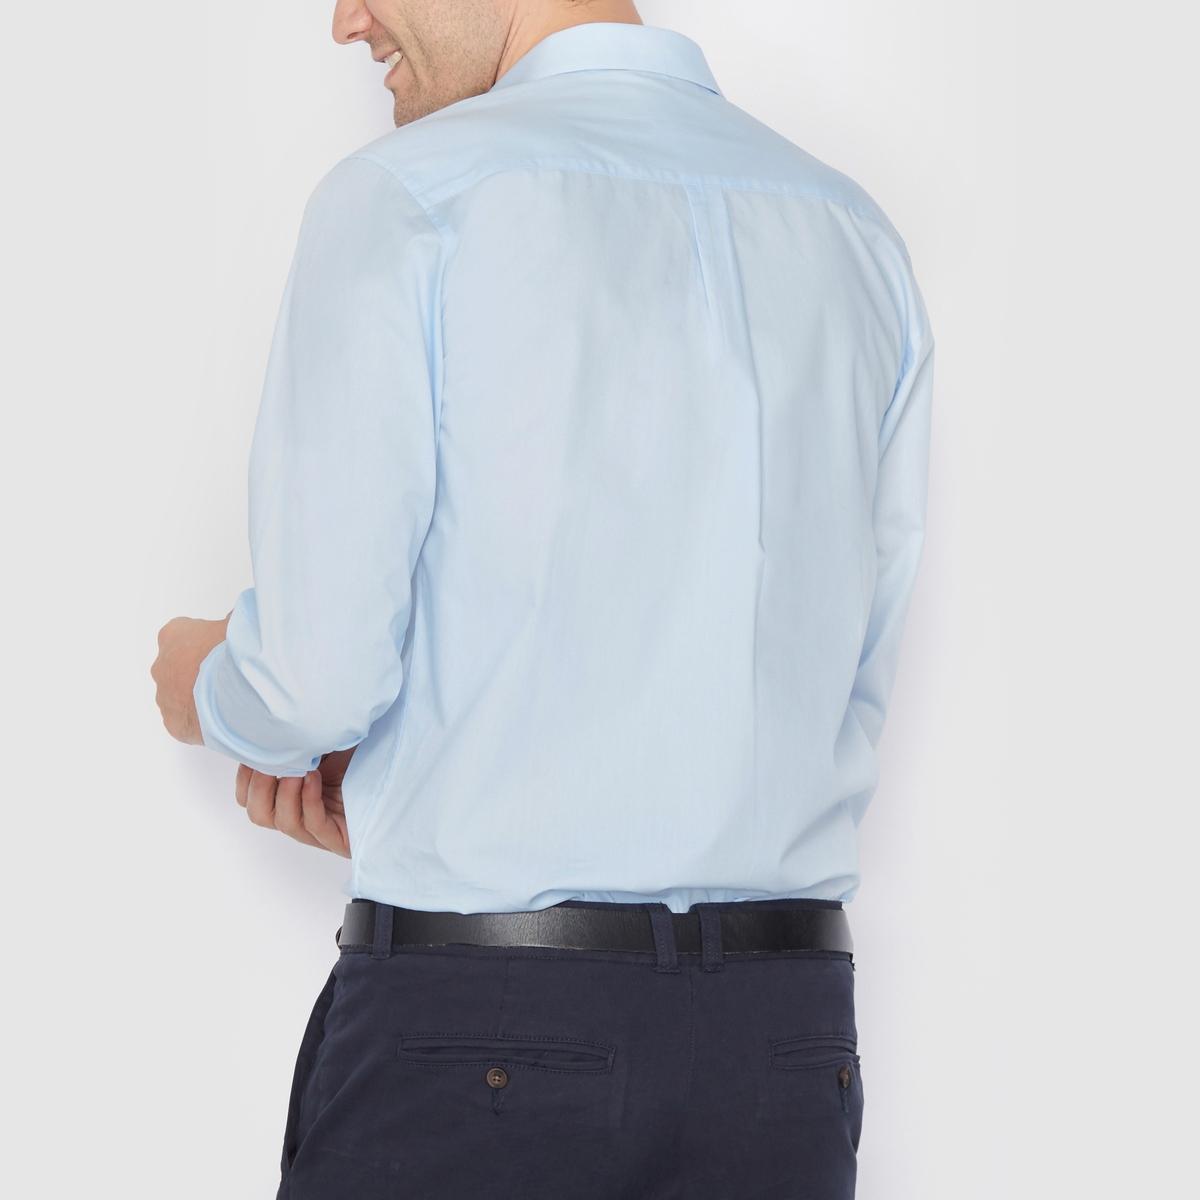 Рубашка прямого покроя с длинными рукавами, 100% хлопокРубашка из поплина, 100% хлопок. Прямой покрой. Длинные рукава. Воротник со свободными уголками. Длина 77 см.<br><br>Цвет: небесно-голубой<br>Размер: 37/38